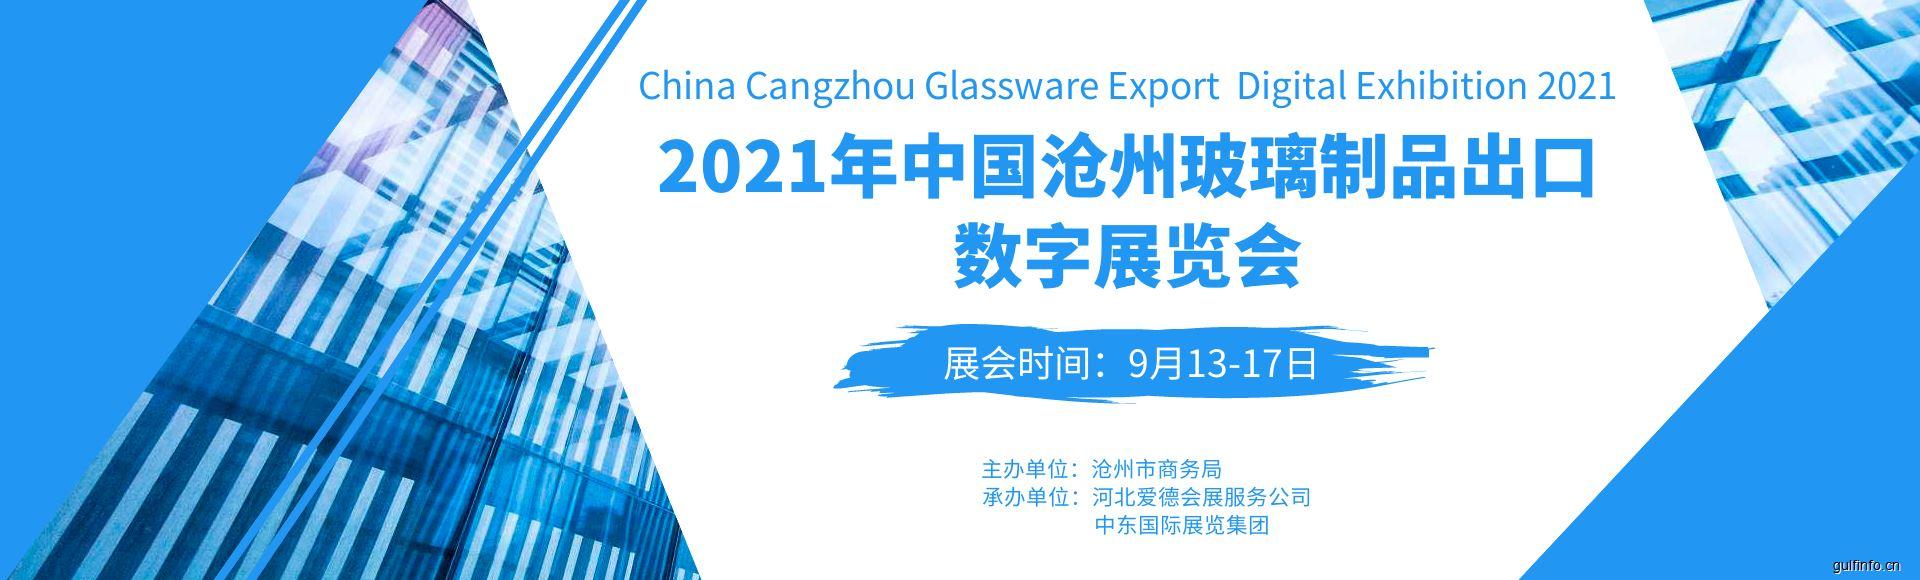 2021年中国(沧州)玻璃制品出口数字展览会即将开幕